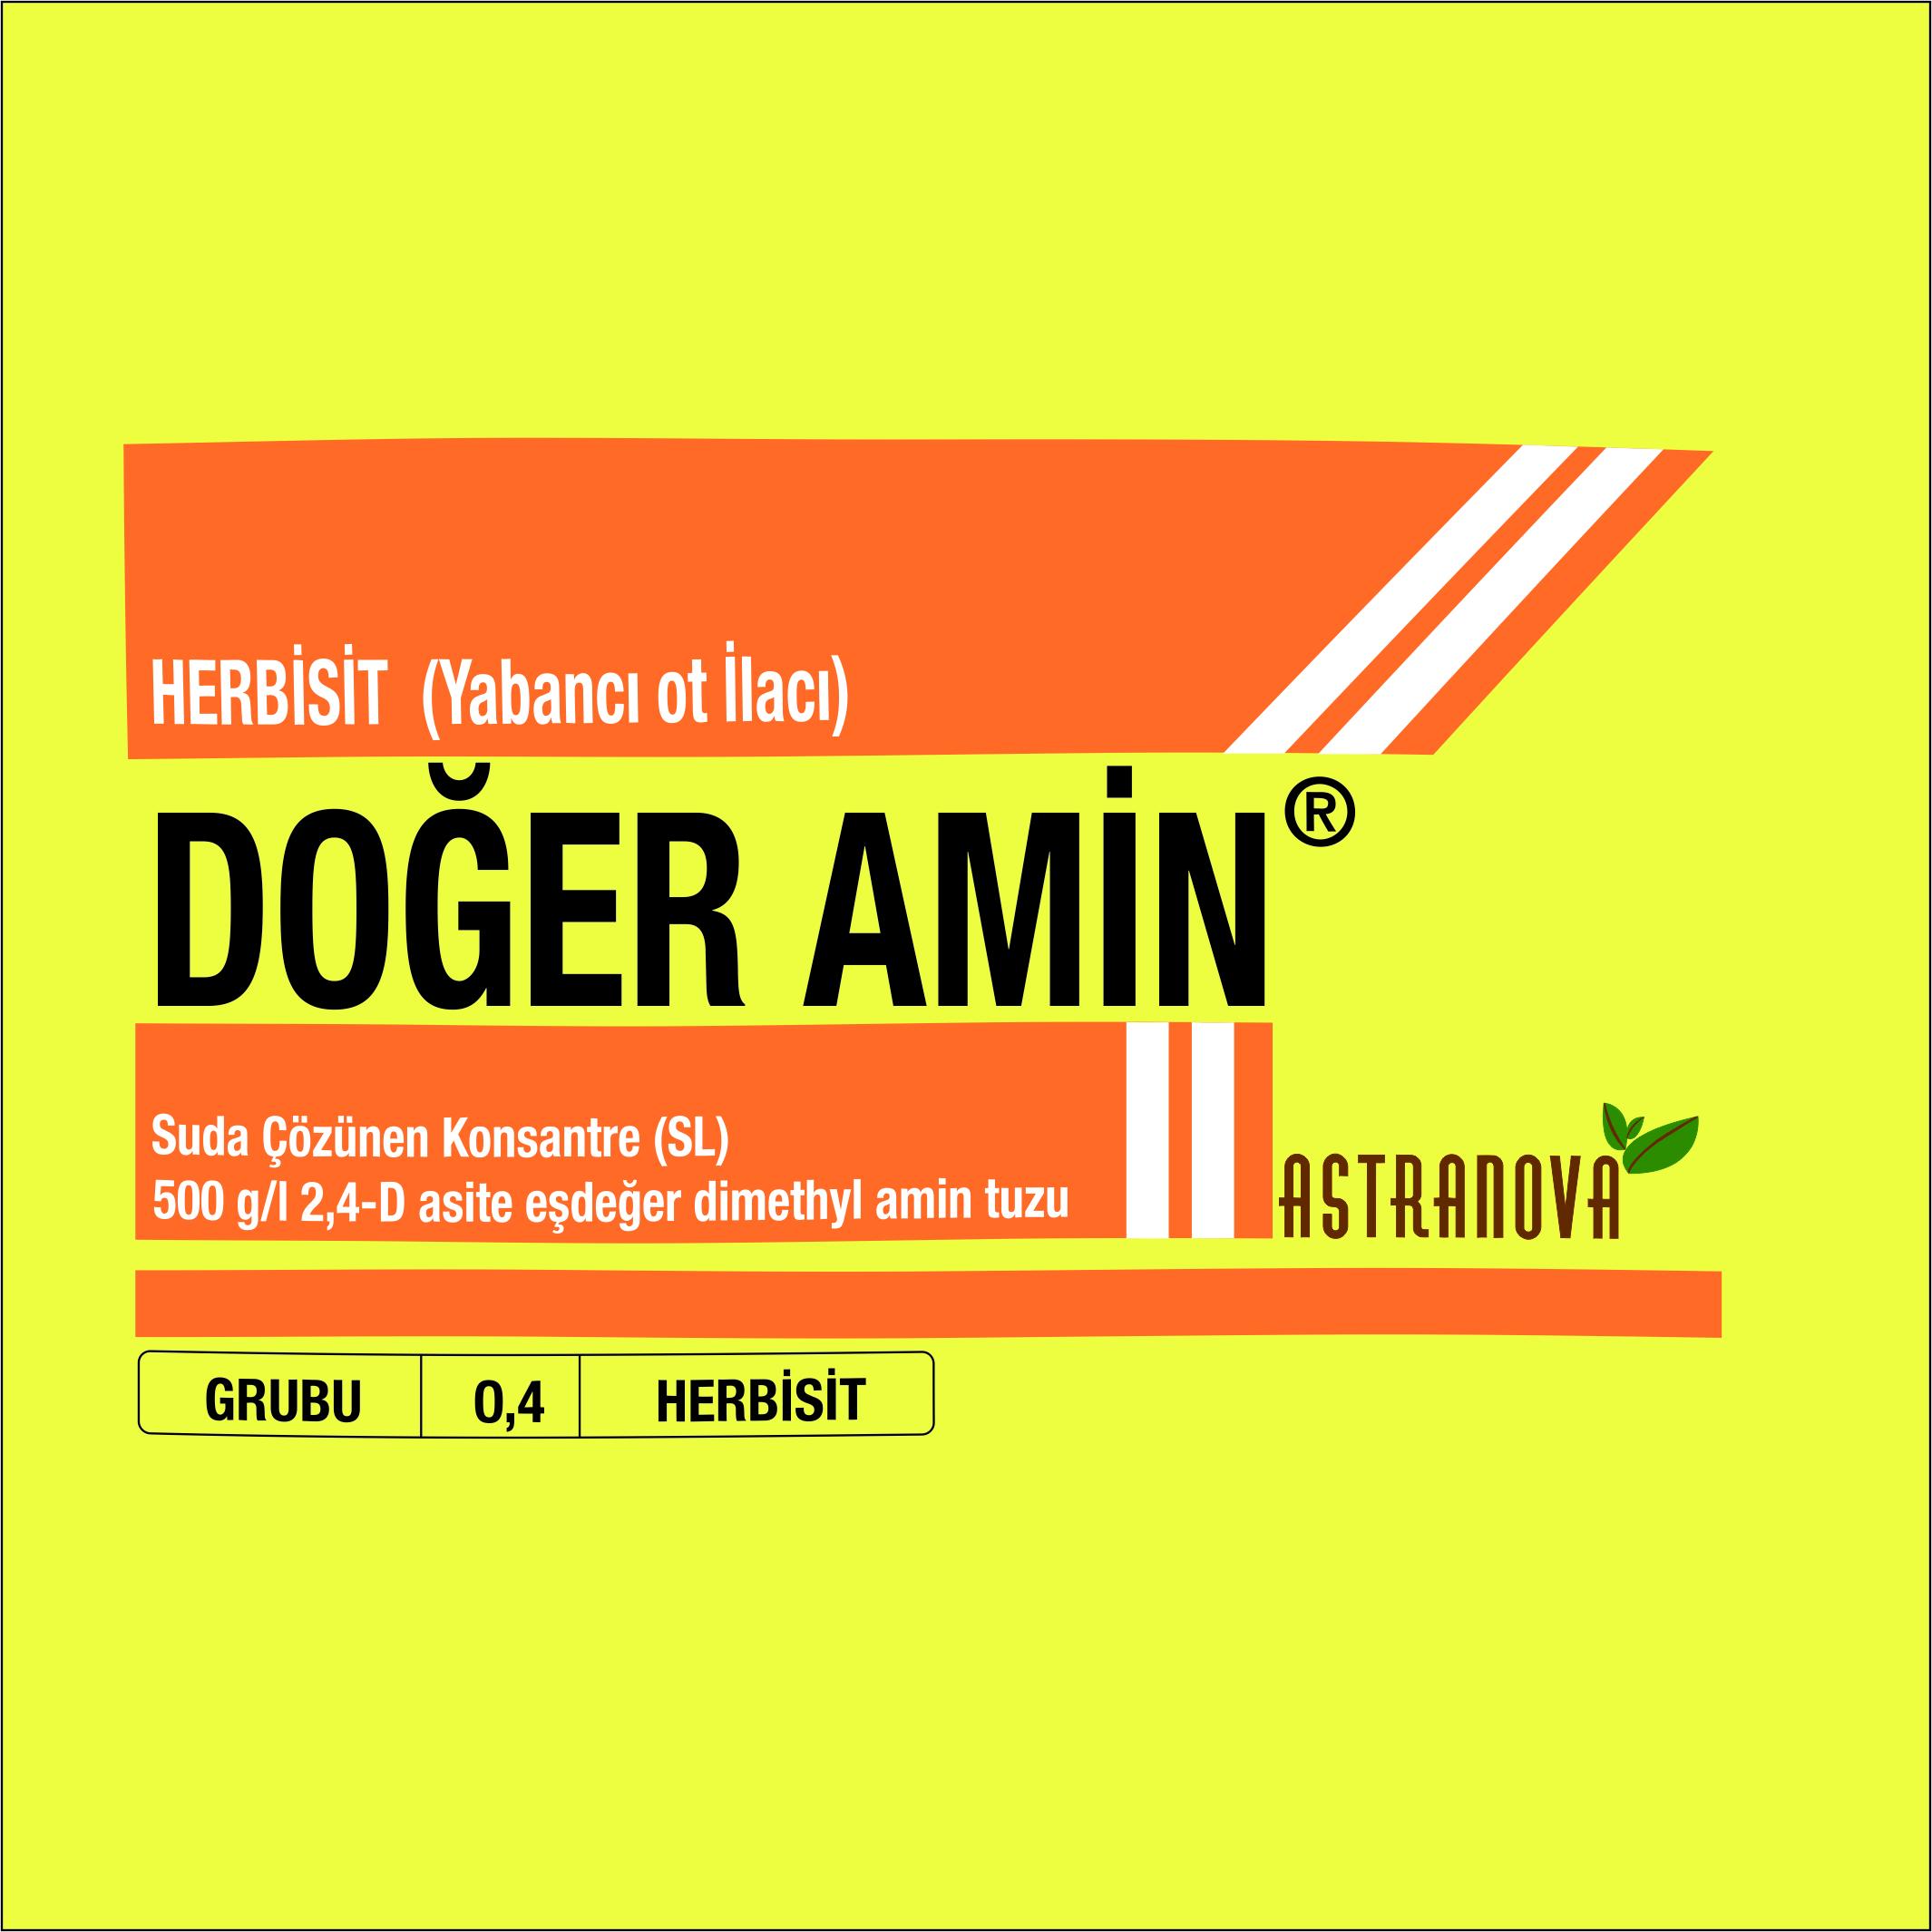 Doger Amin®